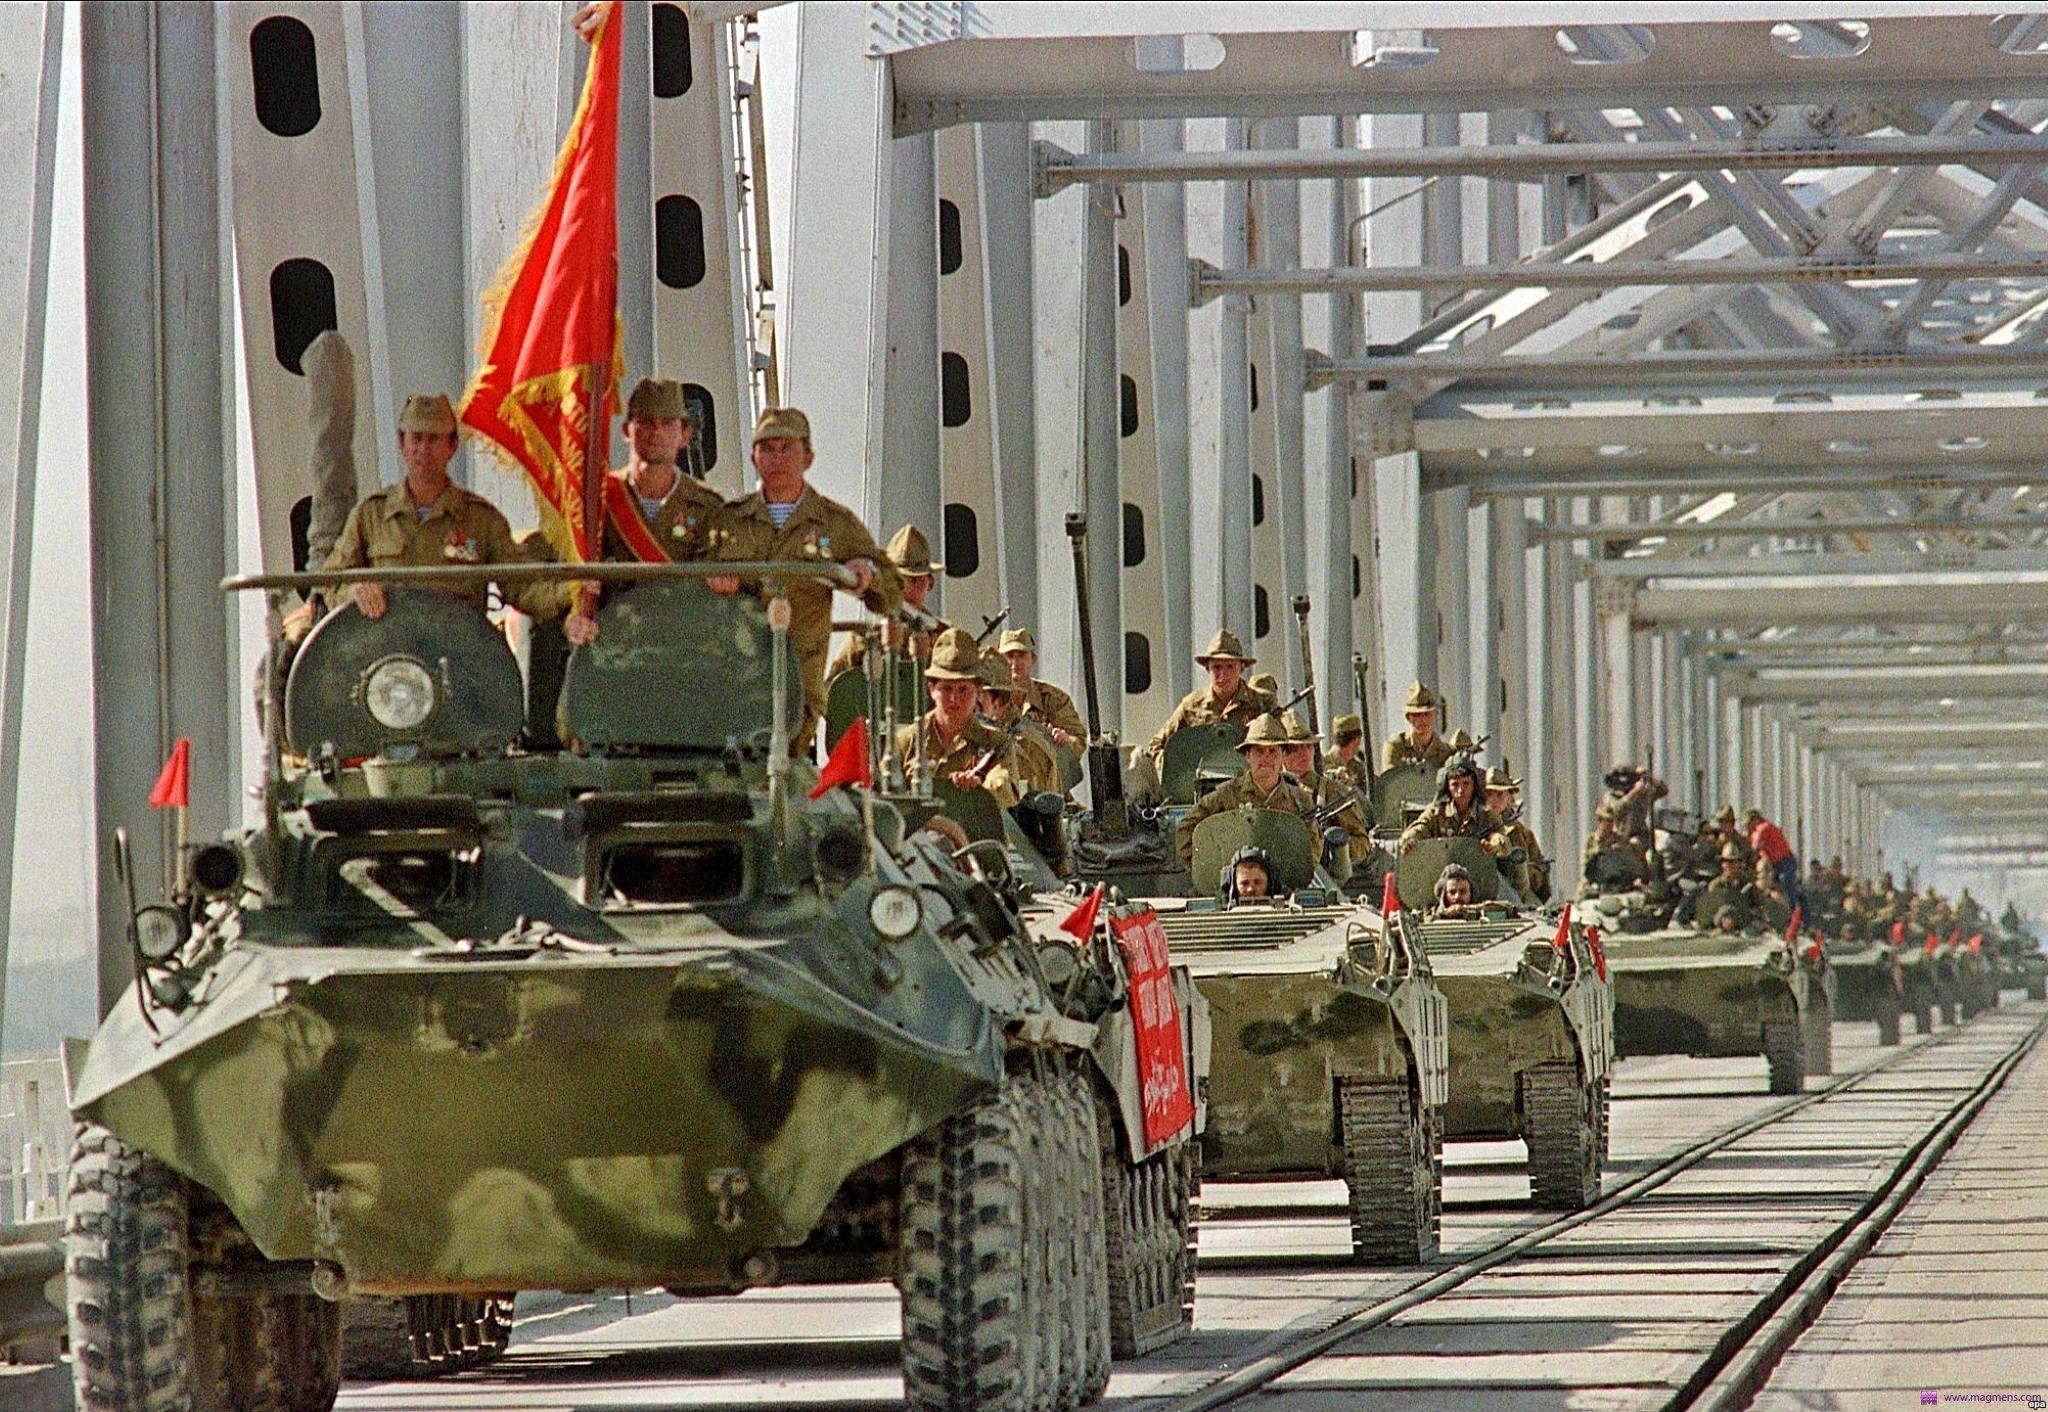 Концерт 25 лет вывода войск из афганистана видео